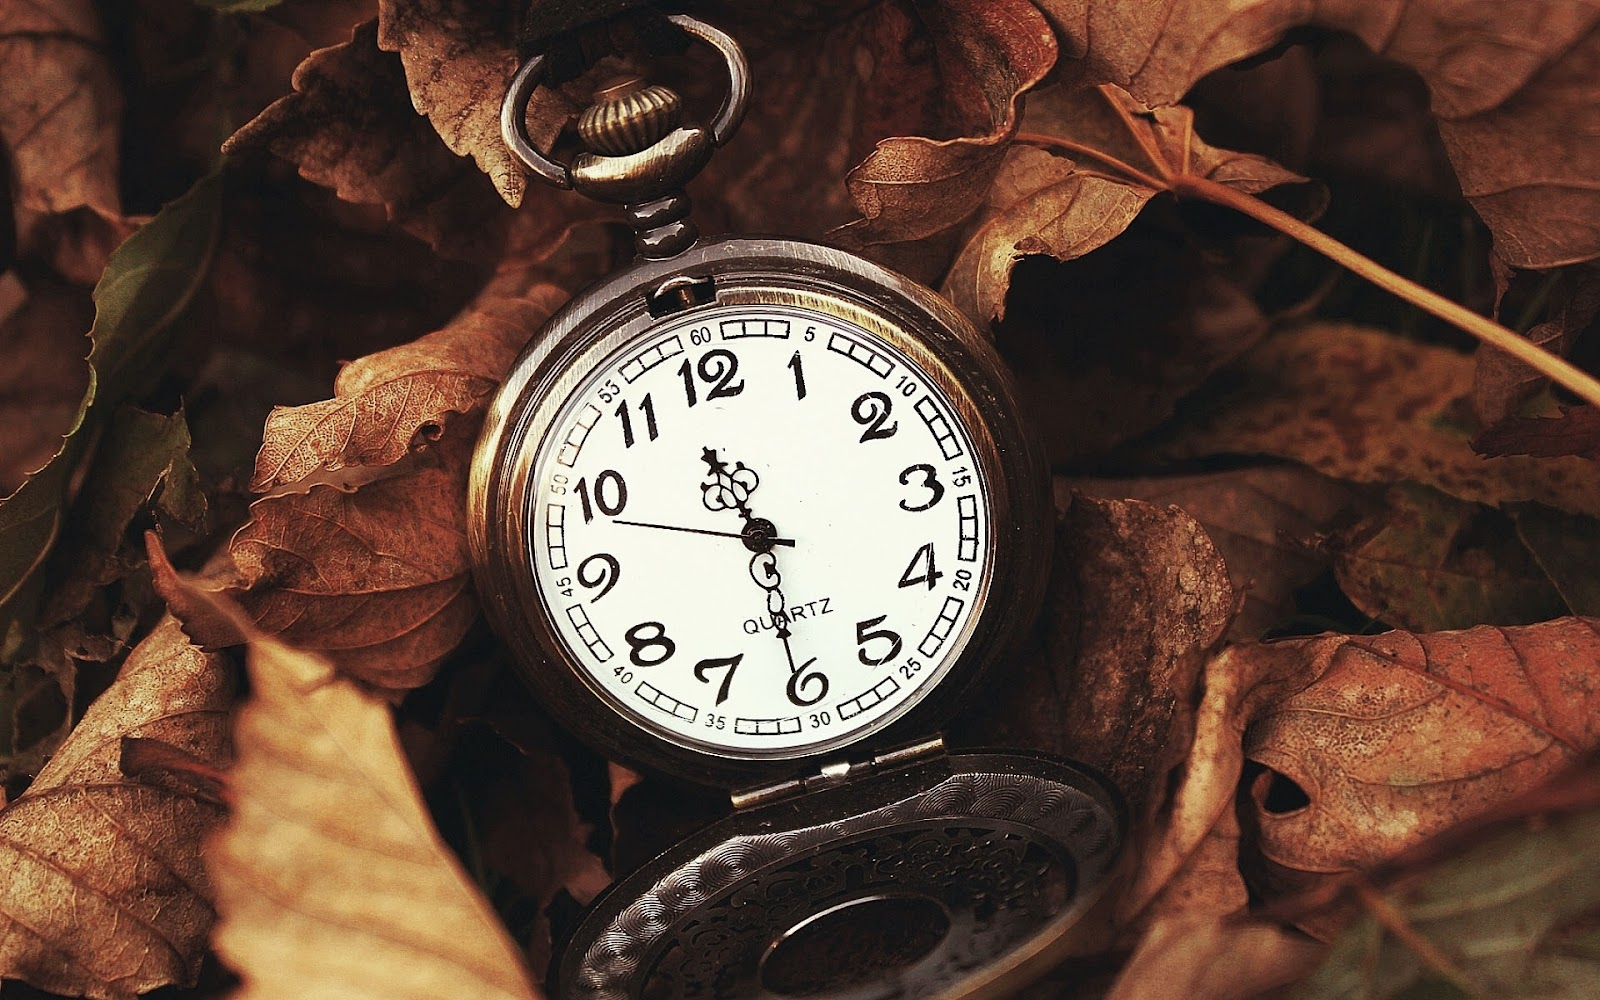 http://1.bp.blogspot.com/-PoUlAuJB9Ac/UGYH-9qU1iI/AAAAAAAAE4s/5kQB65r4aFQ/s1600/hd-herfst-wallpaper-met-een-oud-horloge-tussen-de-herfstbladeren-hd-herfst-achtergrond-foto.jpg